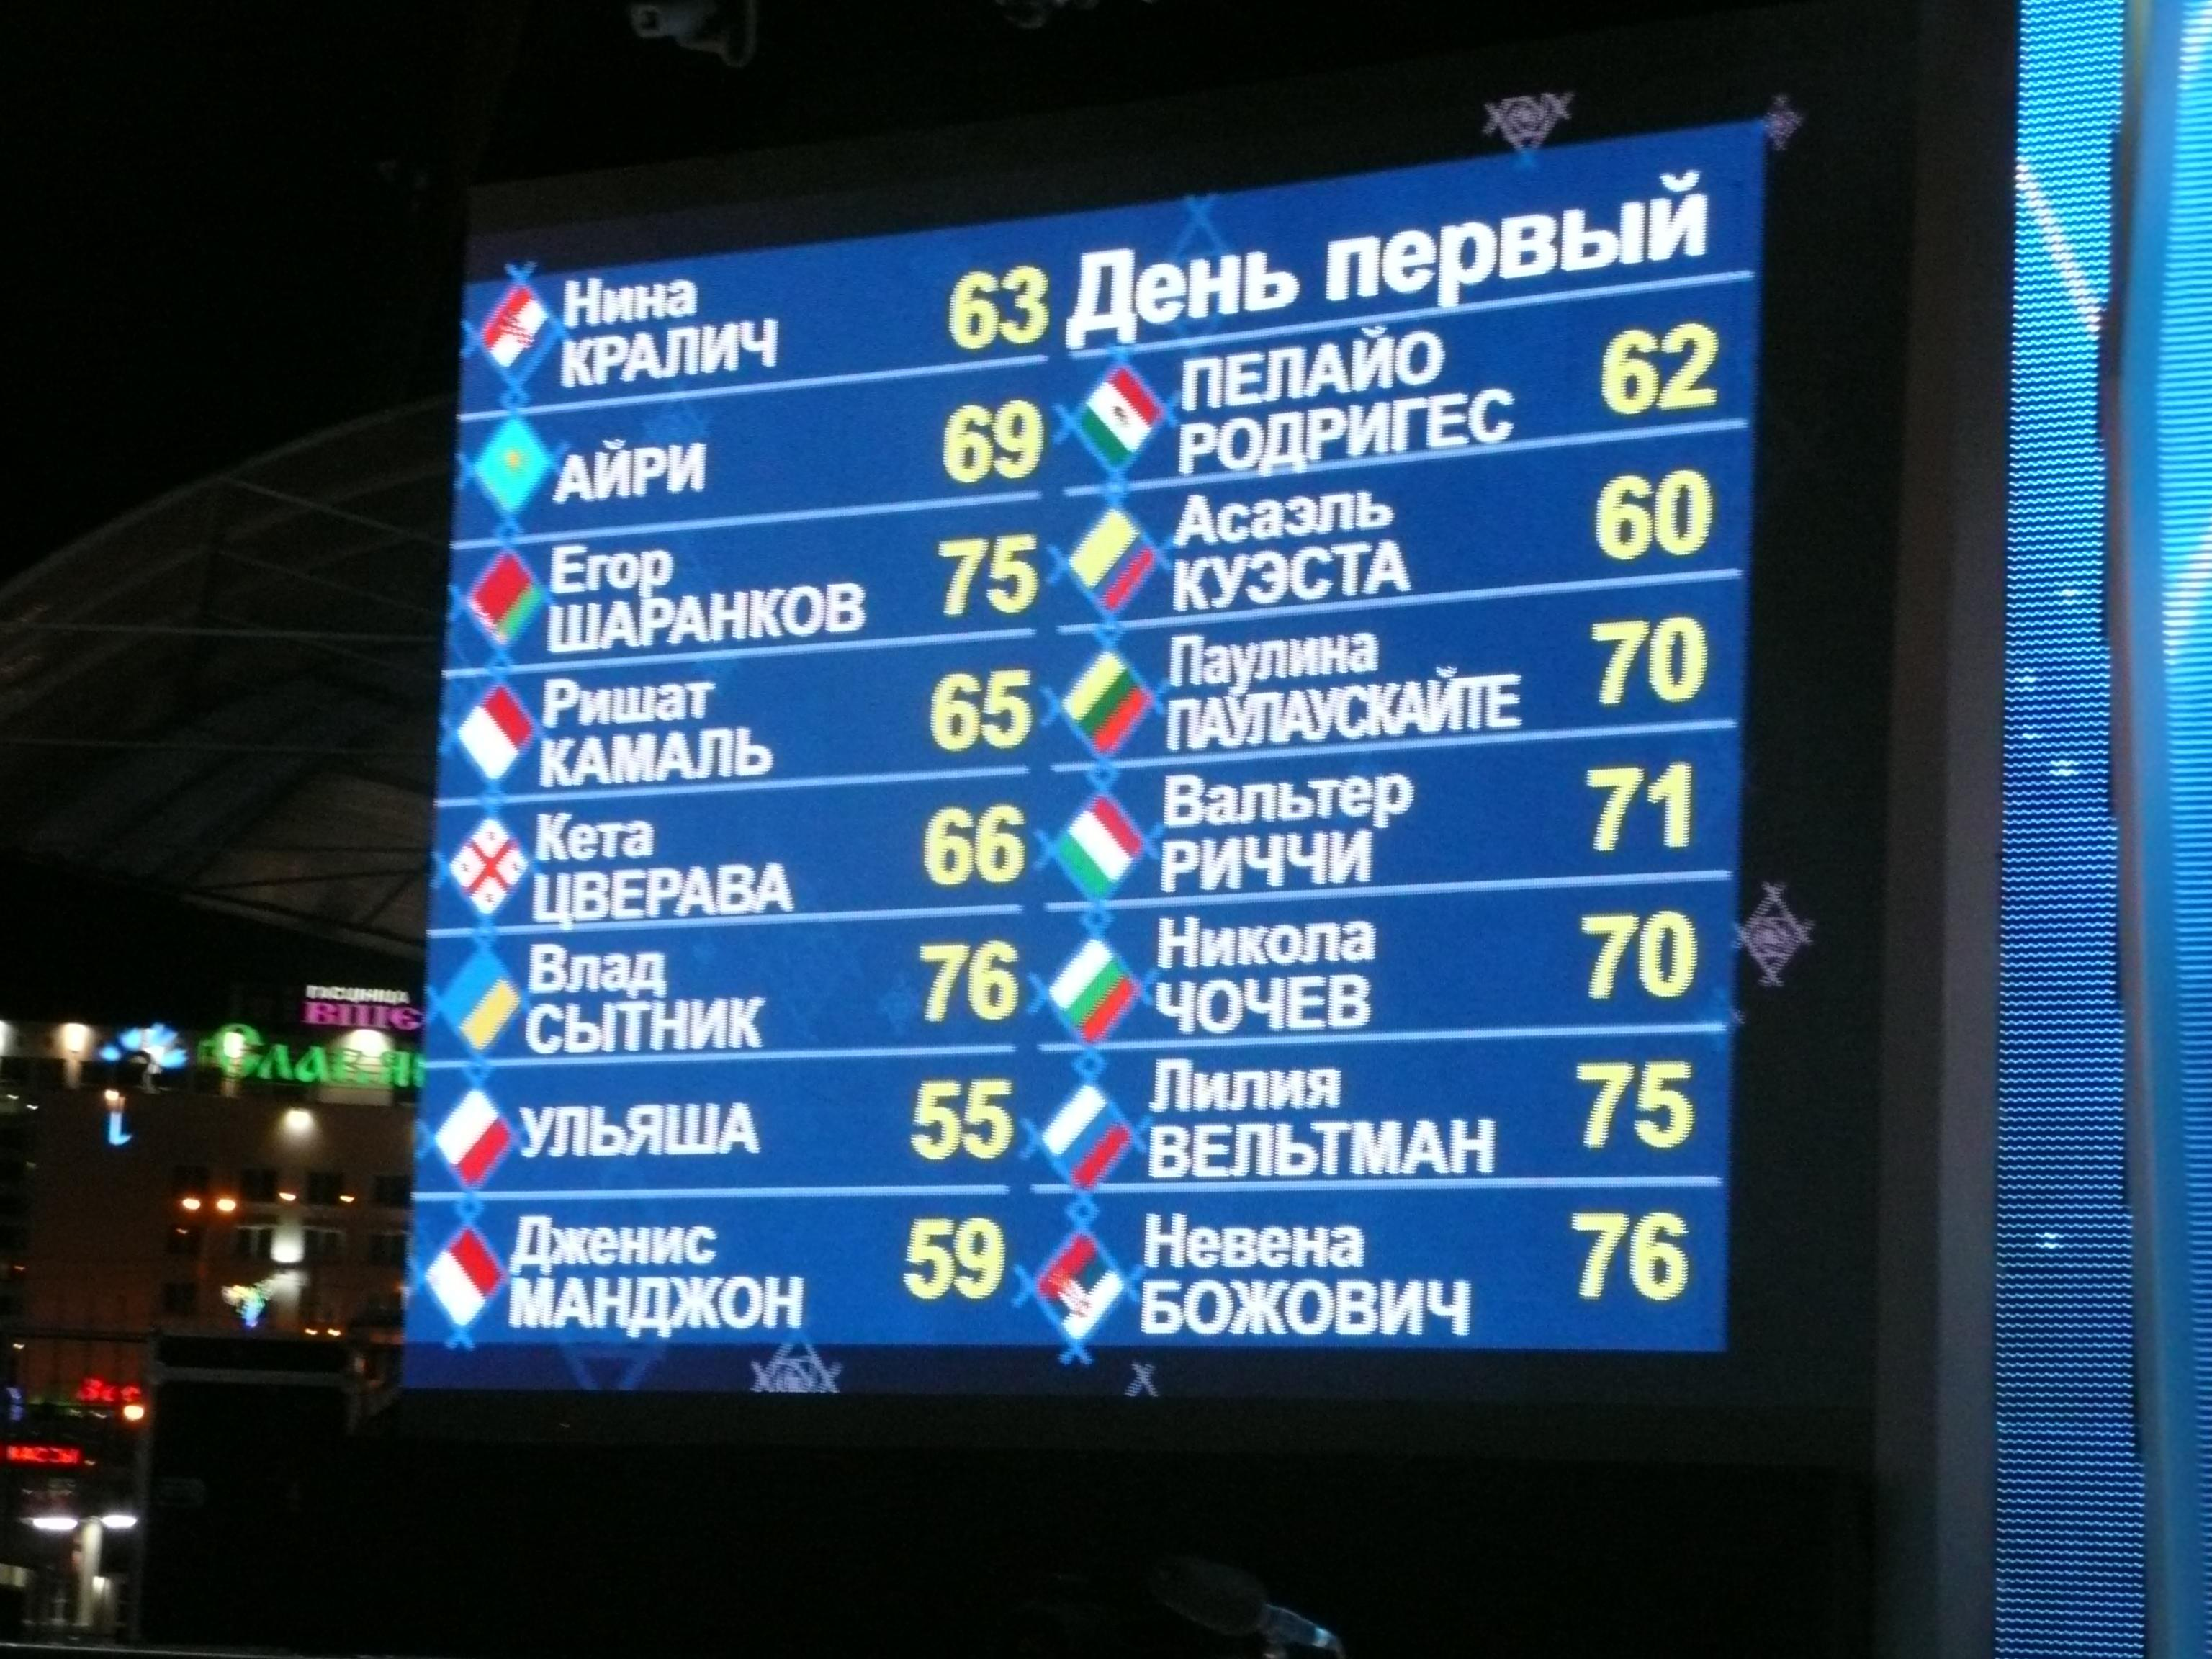 Представители Украины и Сербии лидируют по итогам первого дня конкурса на Славянском базаре